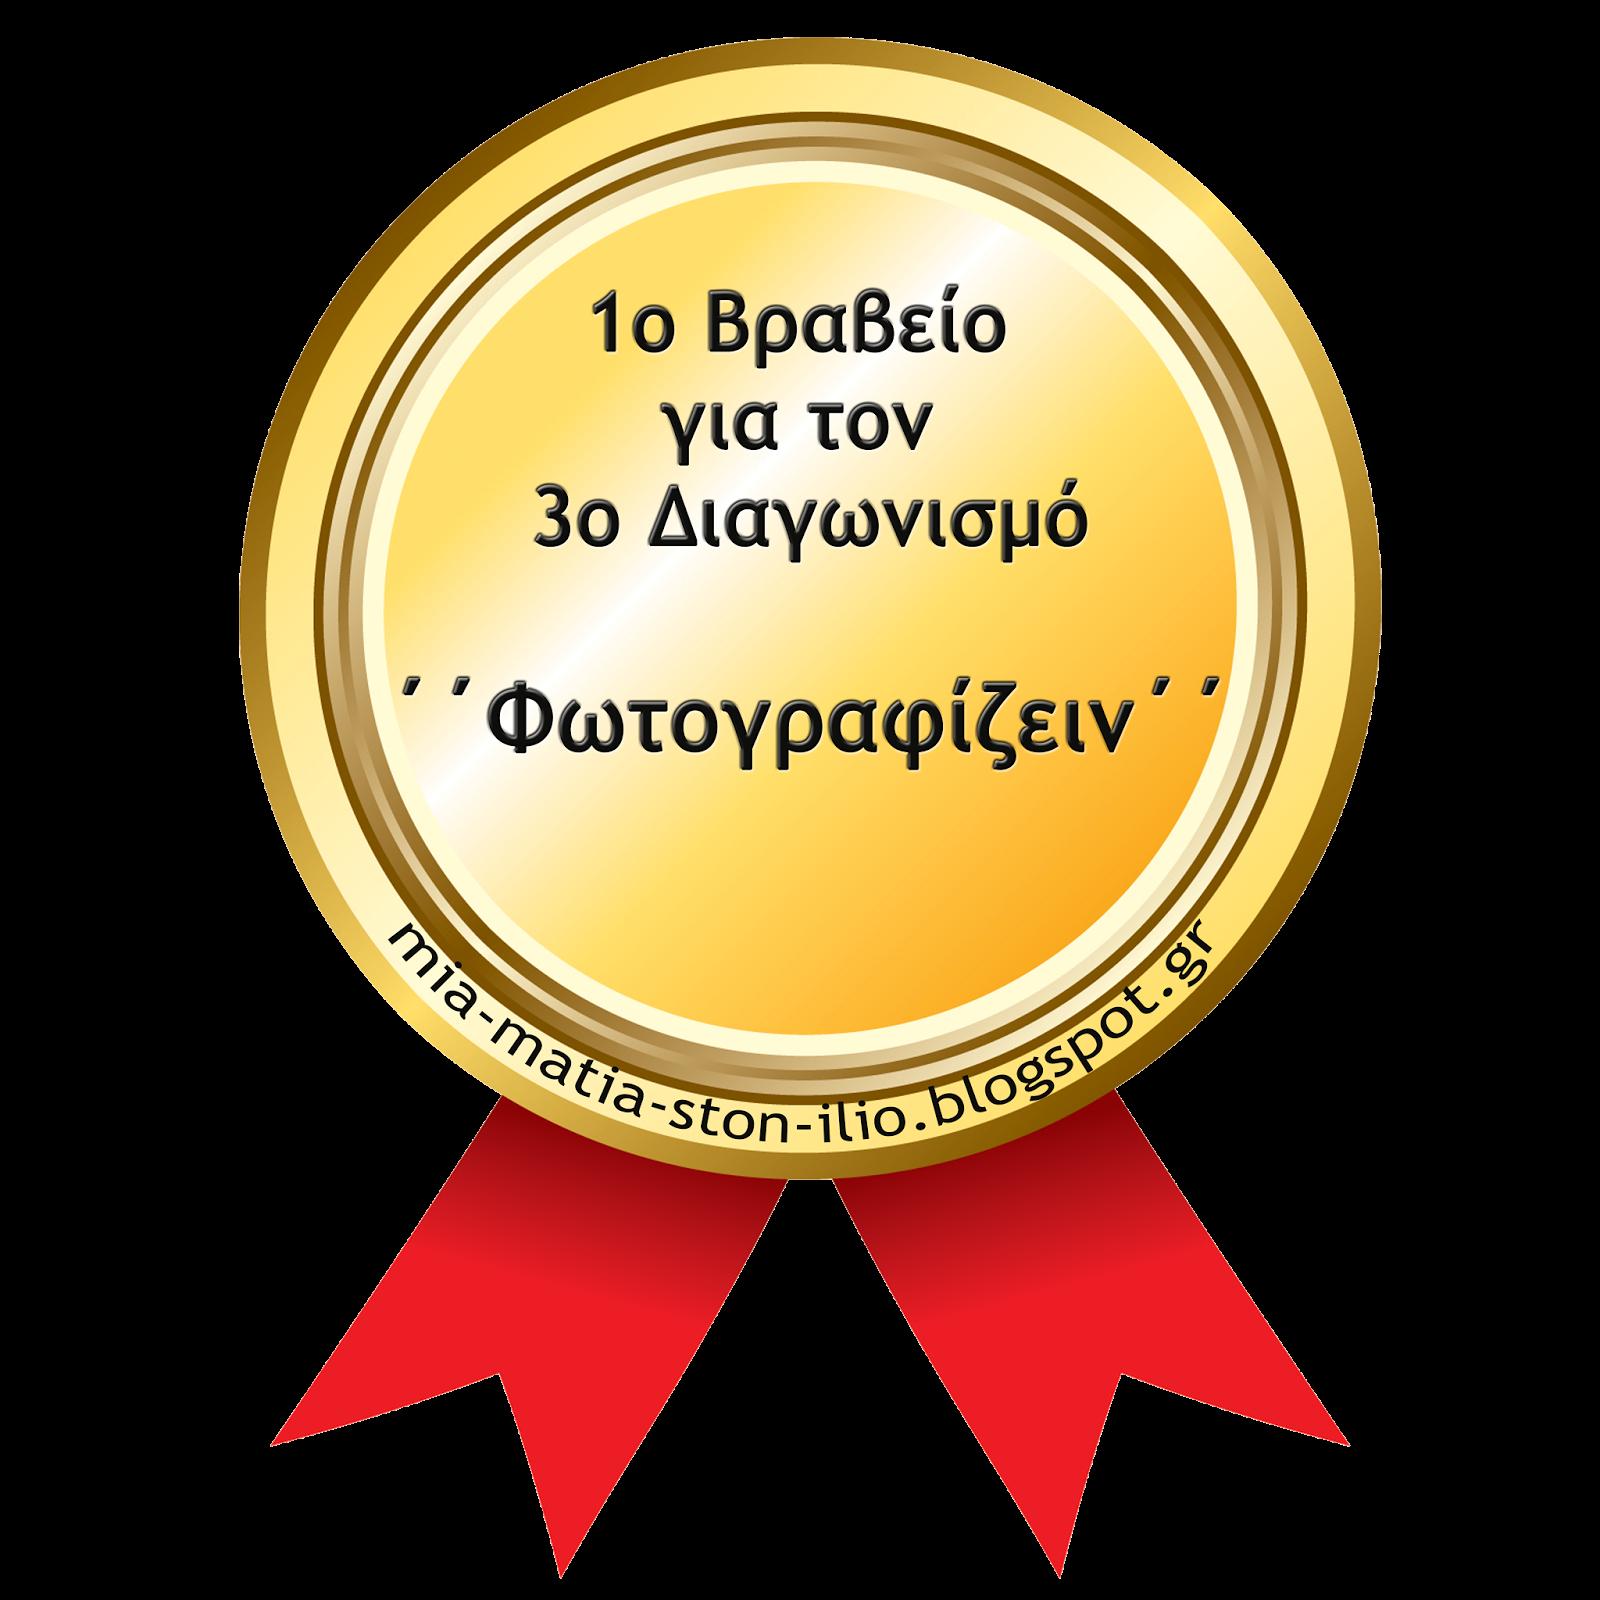 1ο Βραβείο